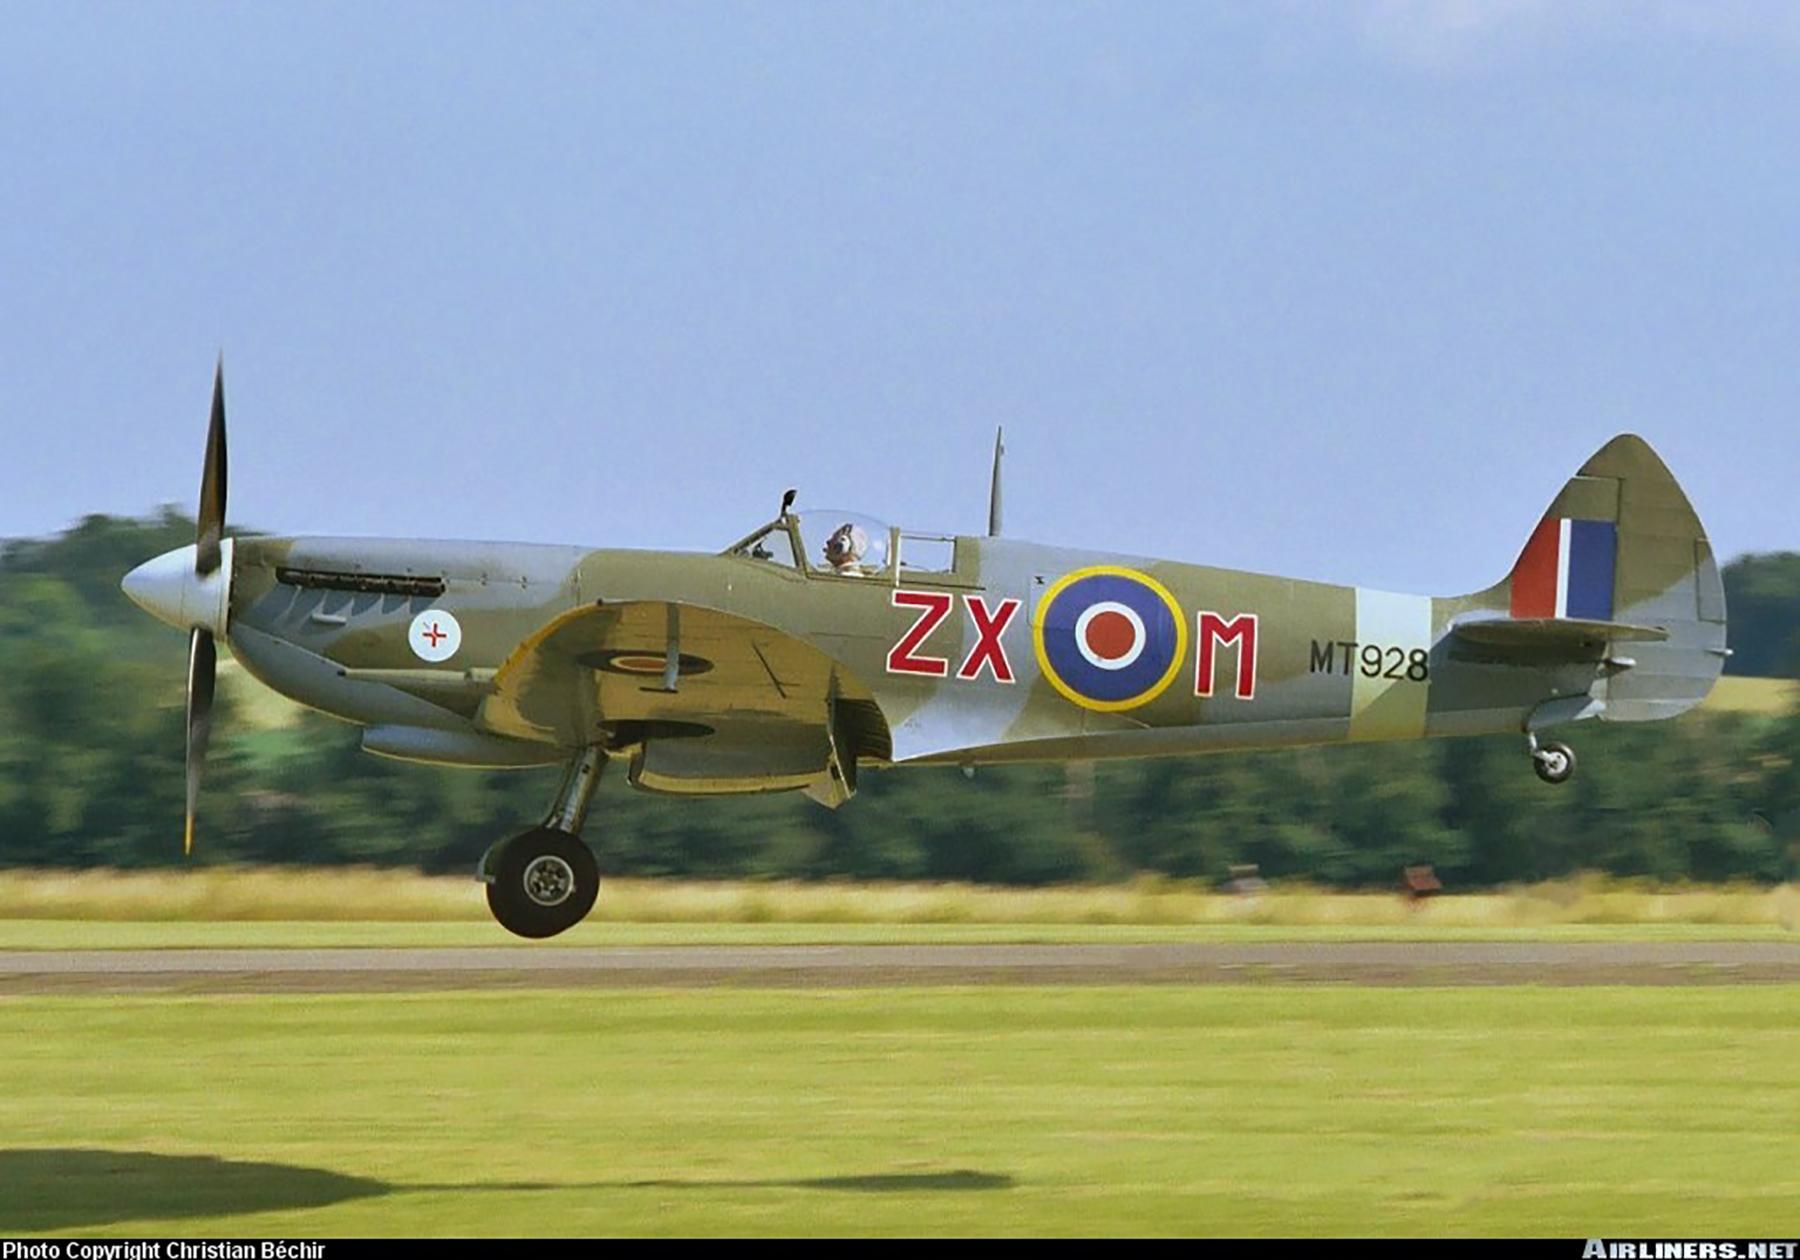 Airworthy Spitfire warbird MkVIII RAF 145Sqn ZXM MT928 01